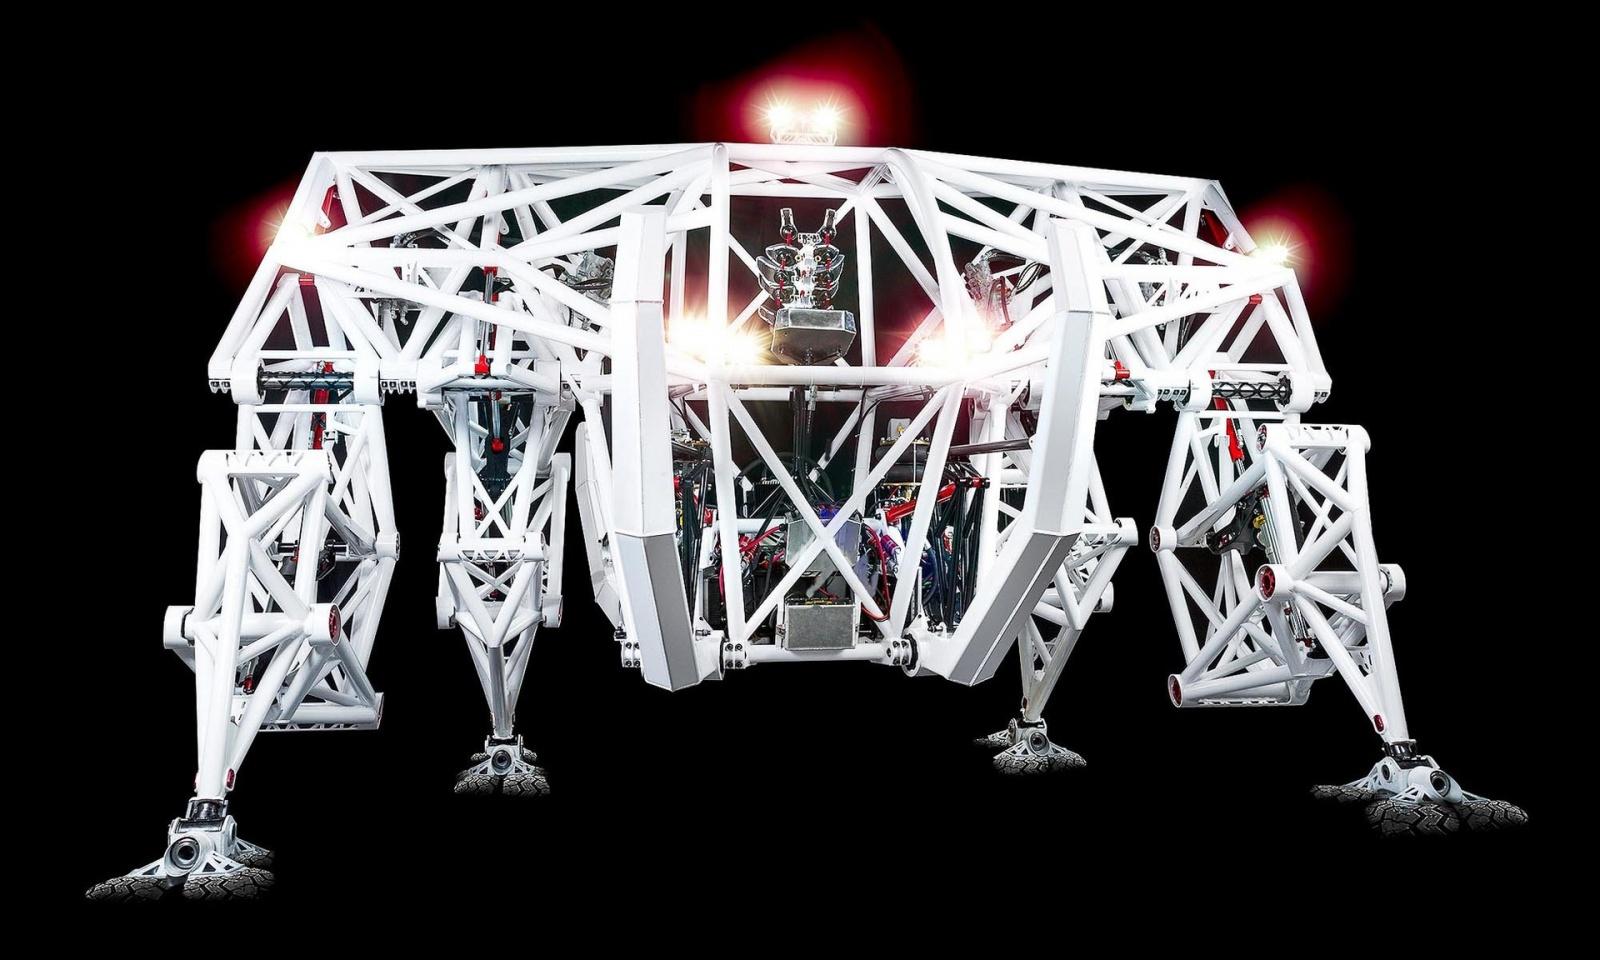 Экзоскелет Prosthesis — гоночный робот для соревнований будущего - 1